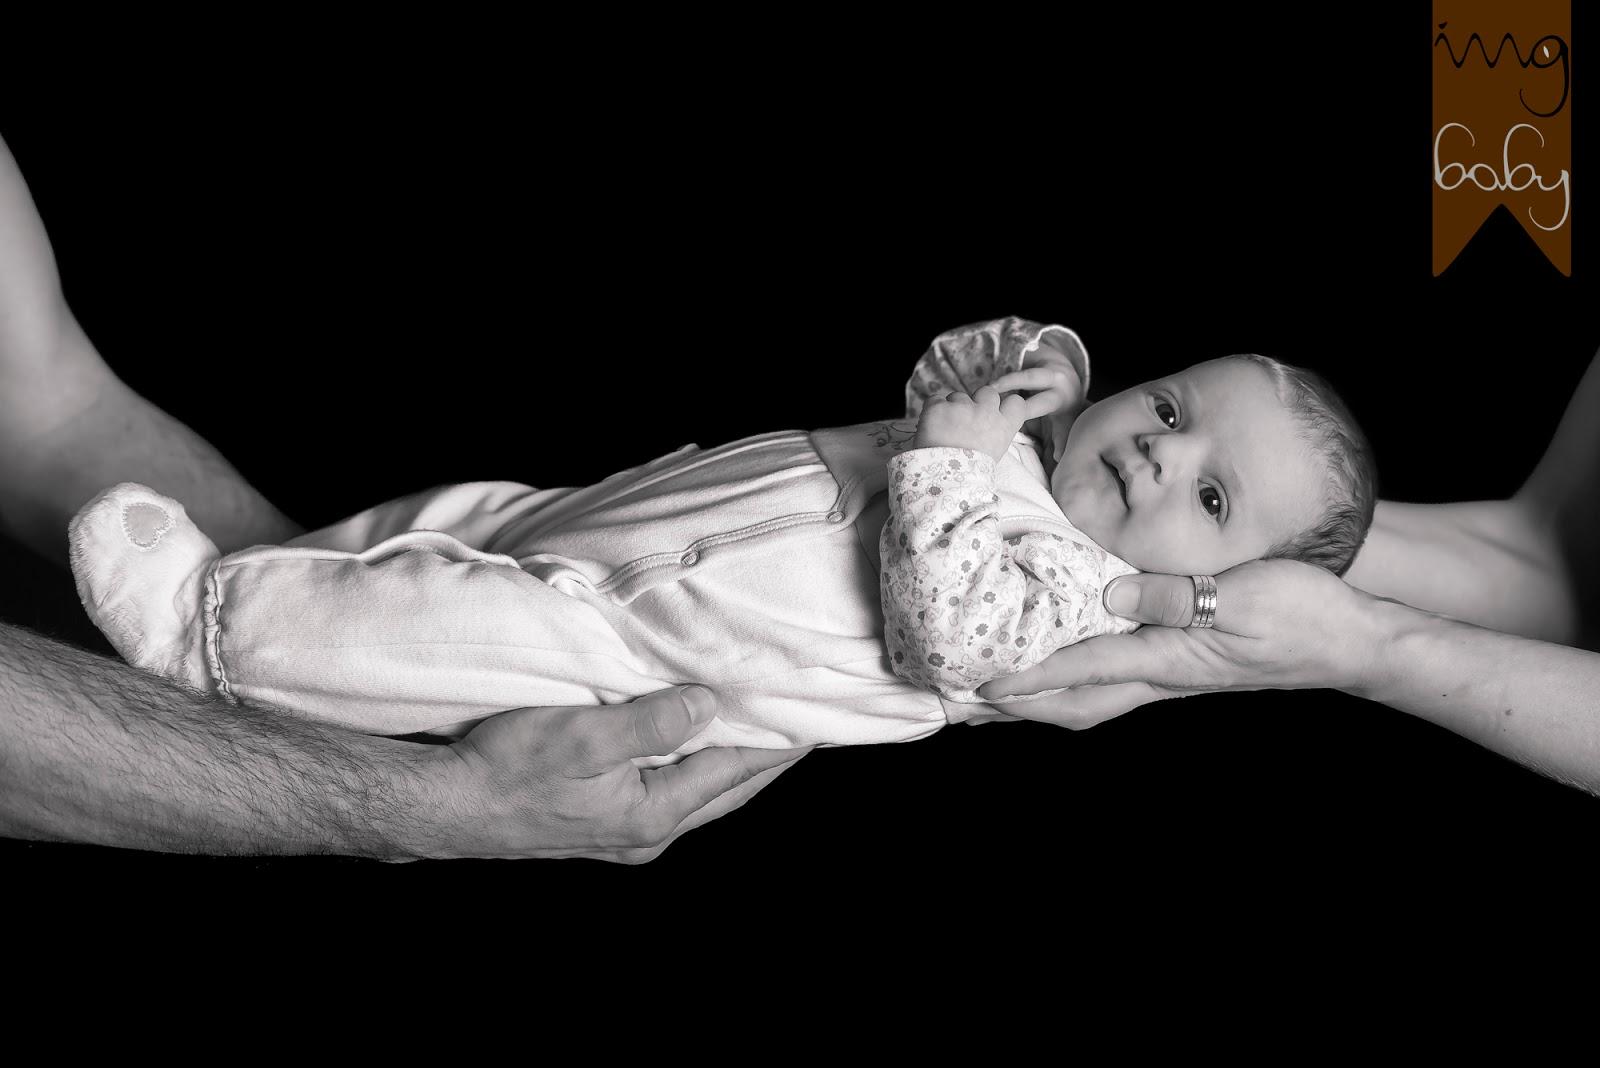 bebé sostenido entre las manos de sus padres